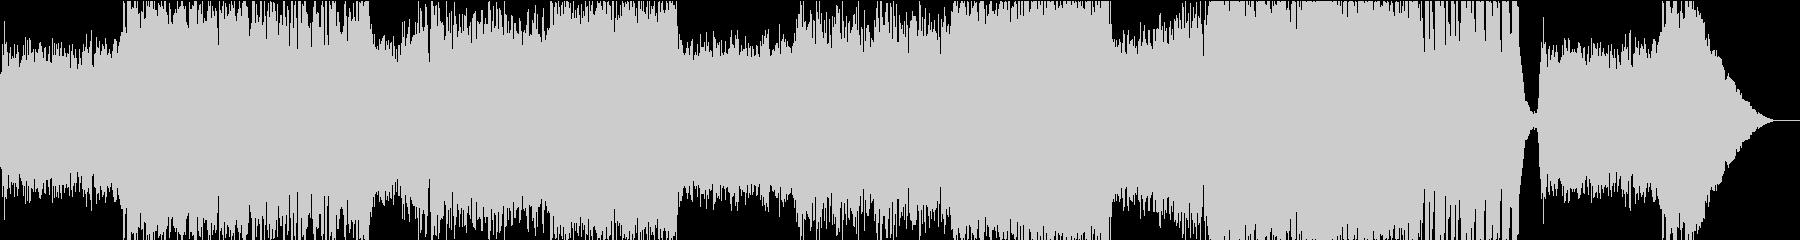 曲調に展開のある激しいバトル系BGMの未再生の波形